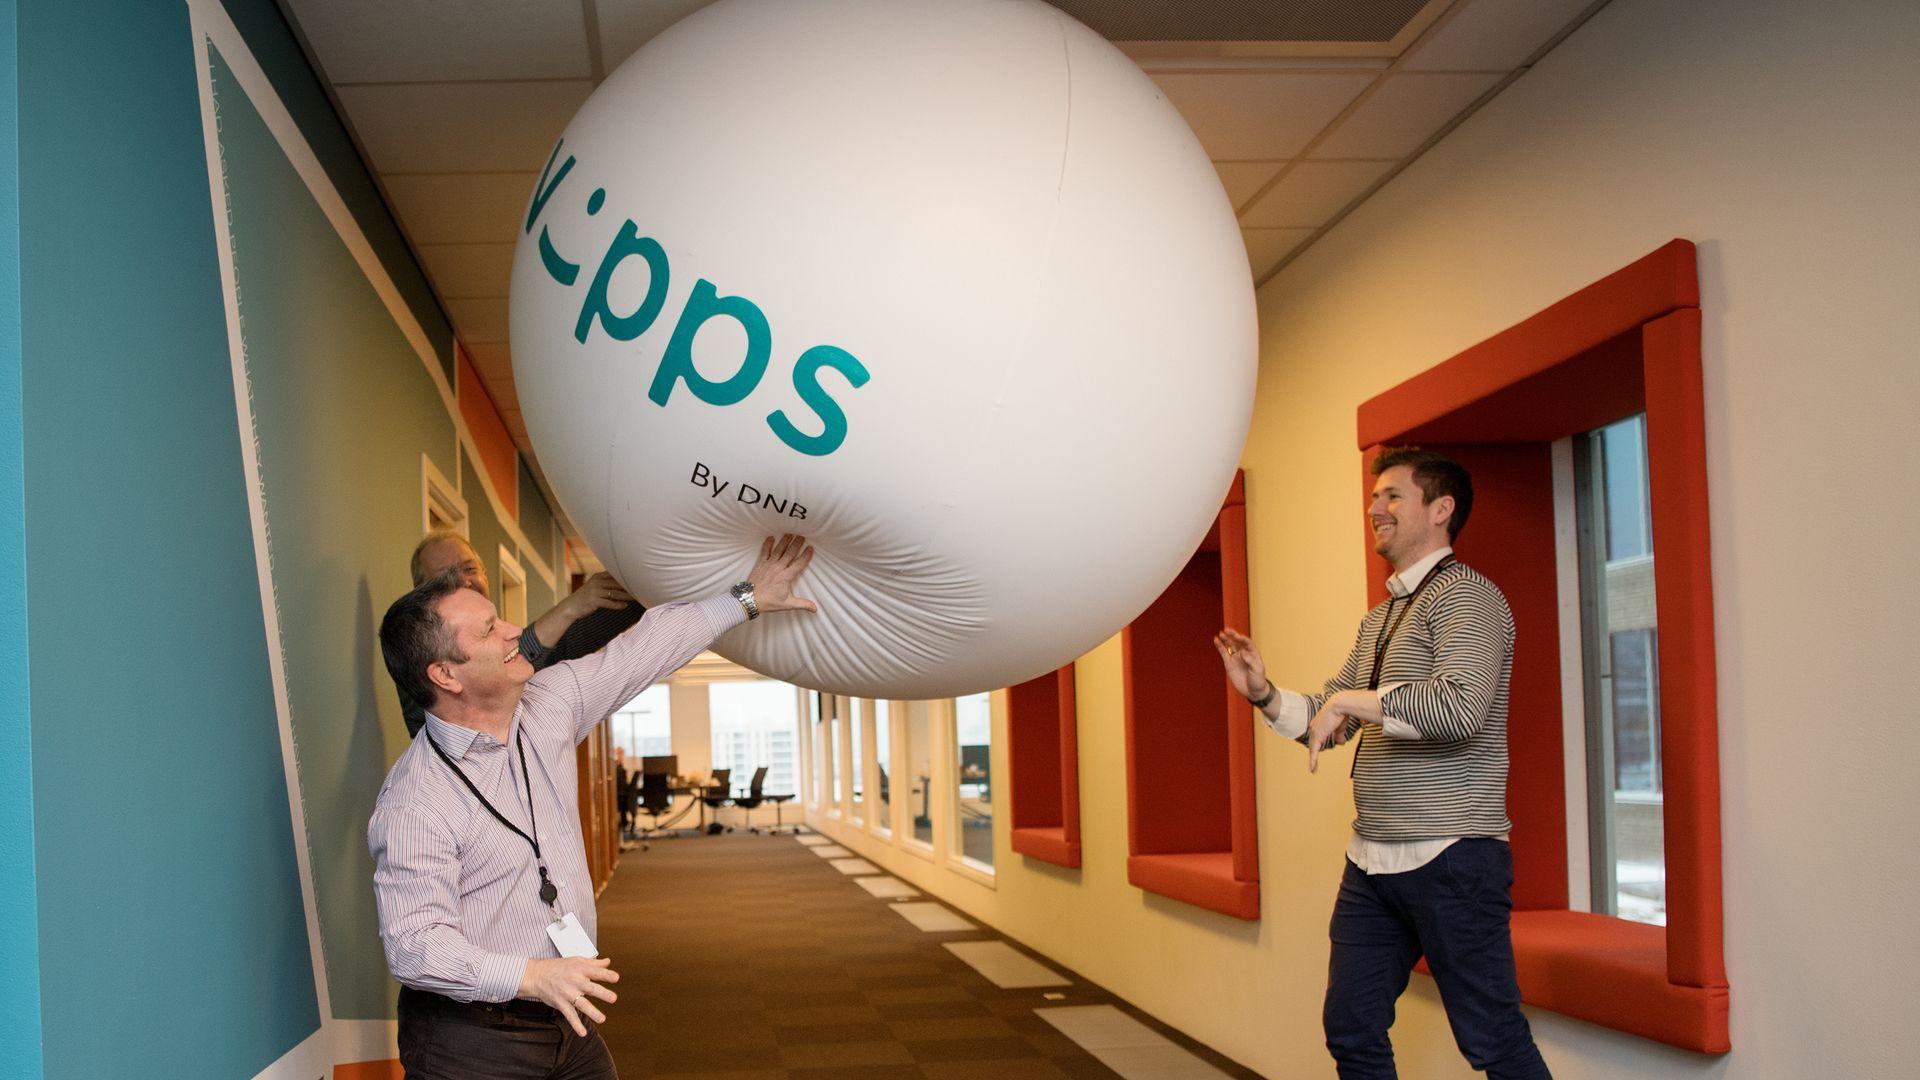 ANNONSE: Dette er IT-yrket som har vært helt kritisk for VIPPS' suksess